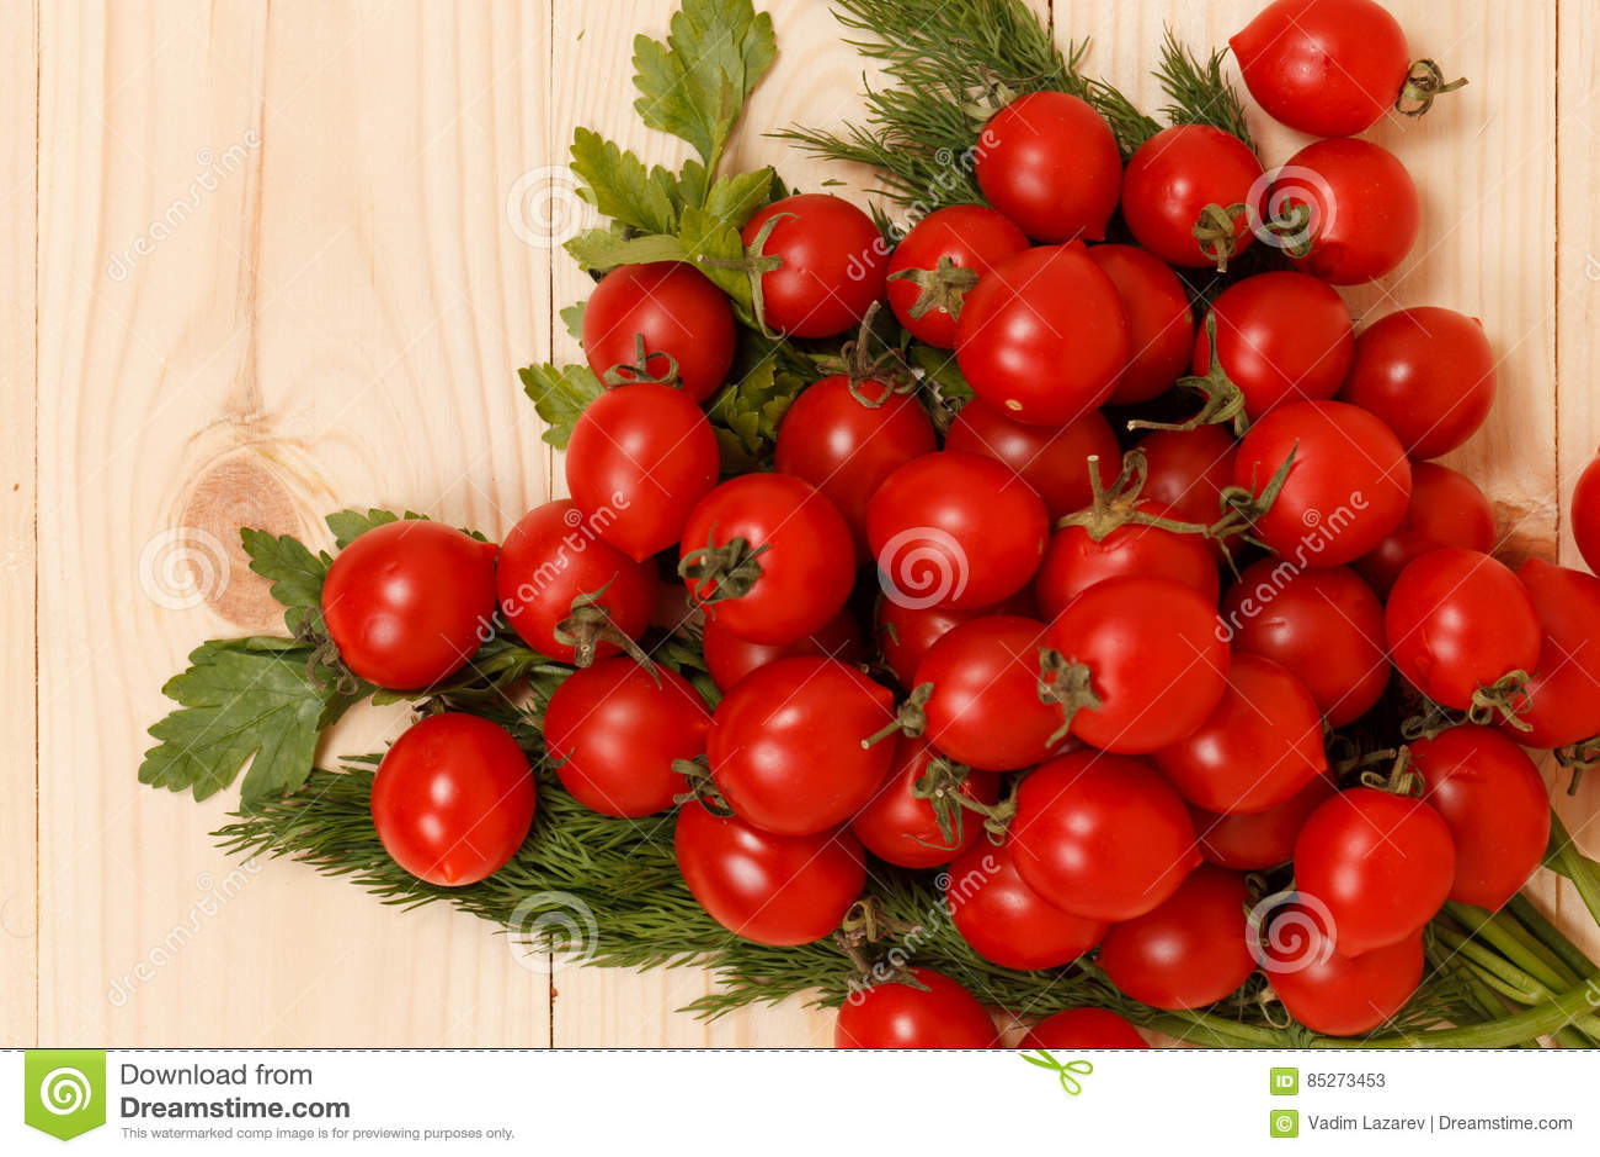 Pomodori ciliegia ed erbe fresche su fondo di legno